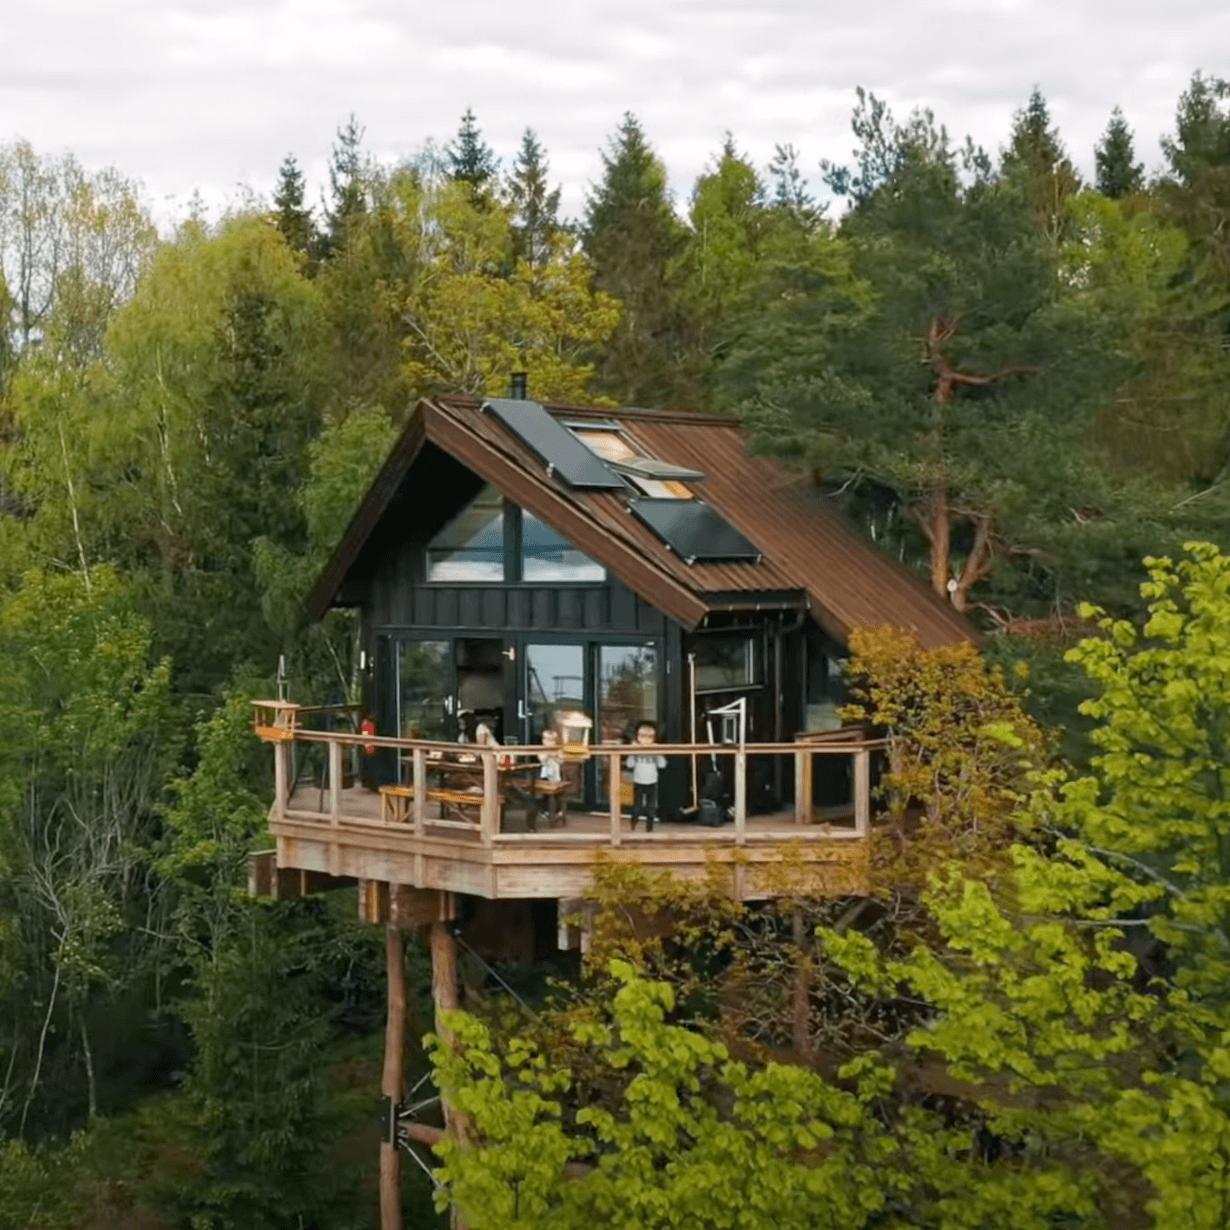 Tretopphytter i Oslofjorden